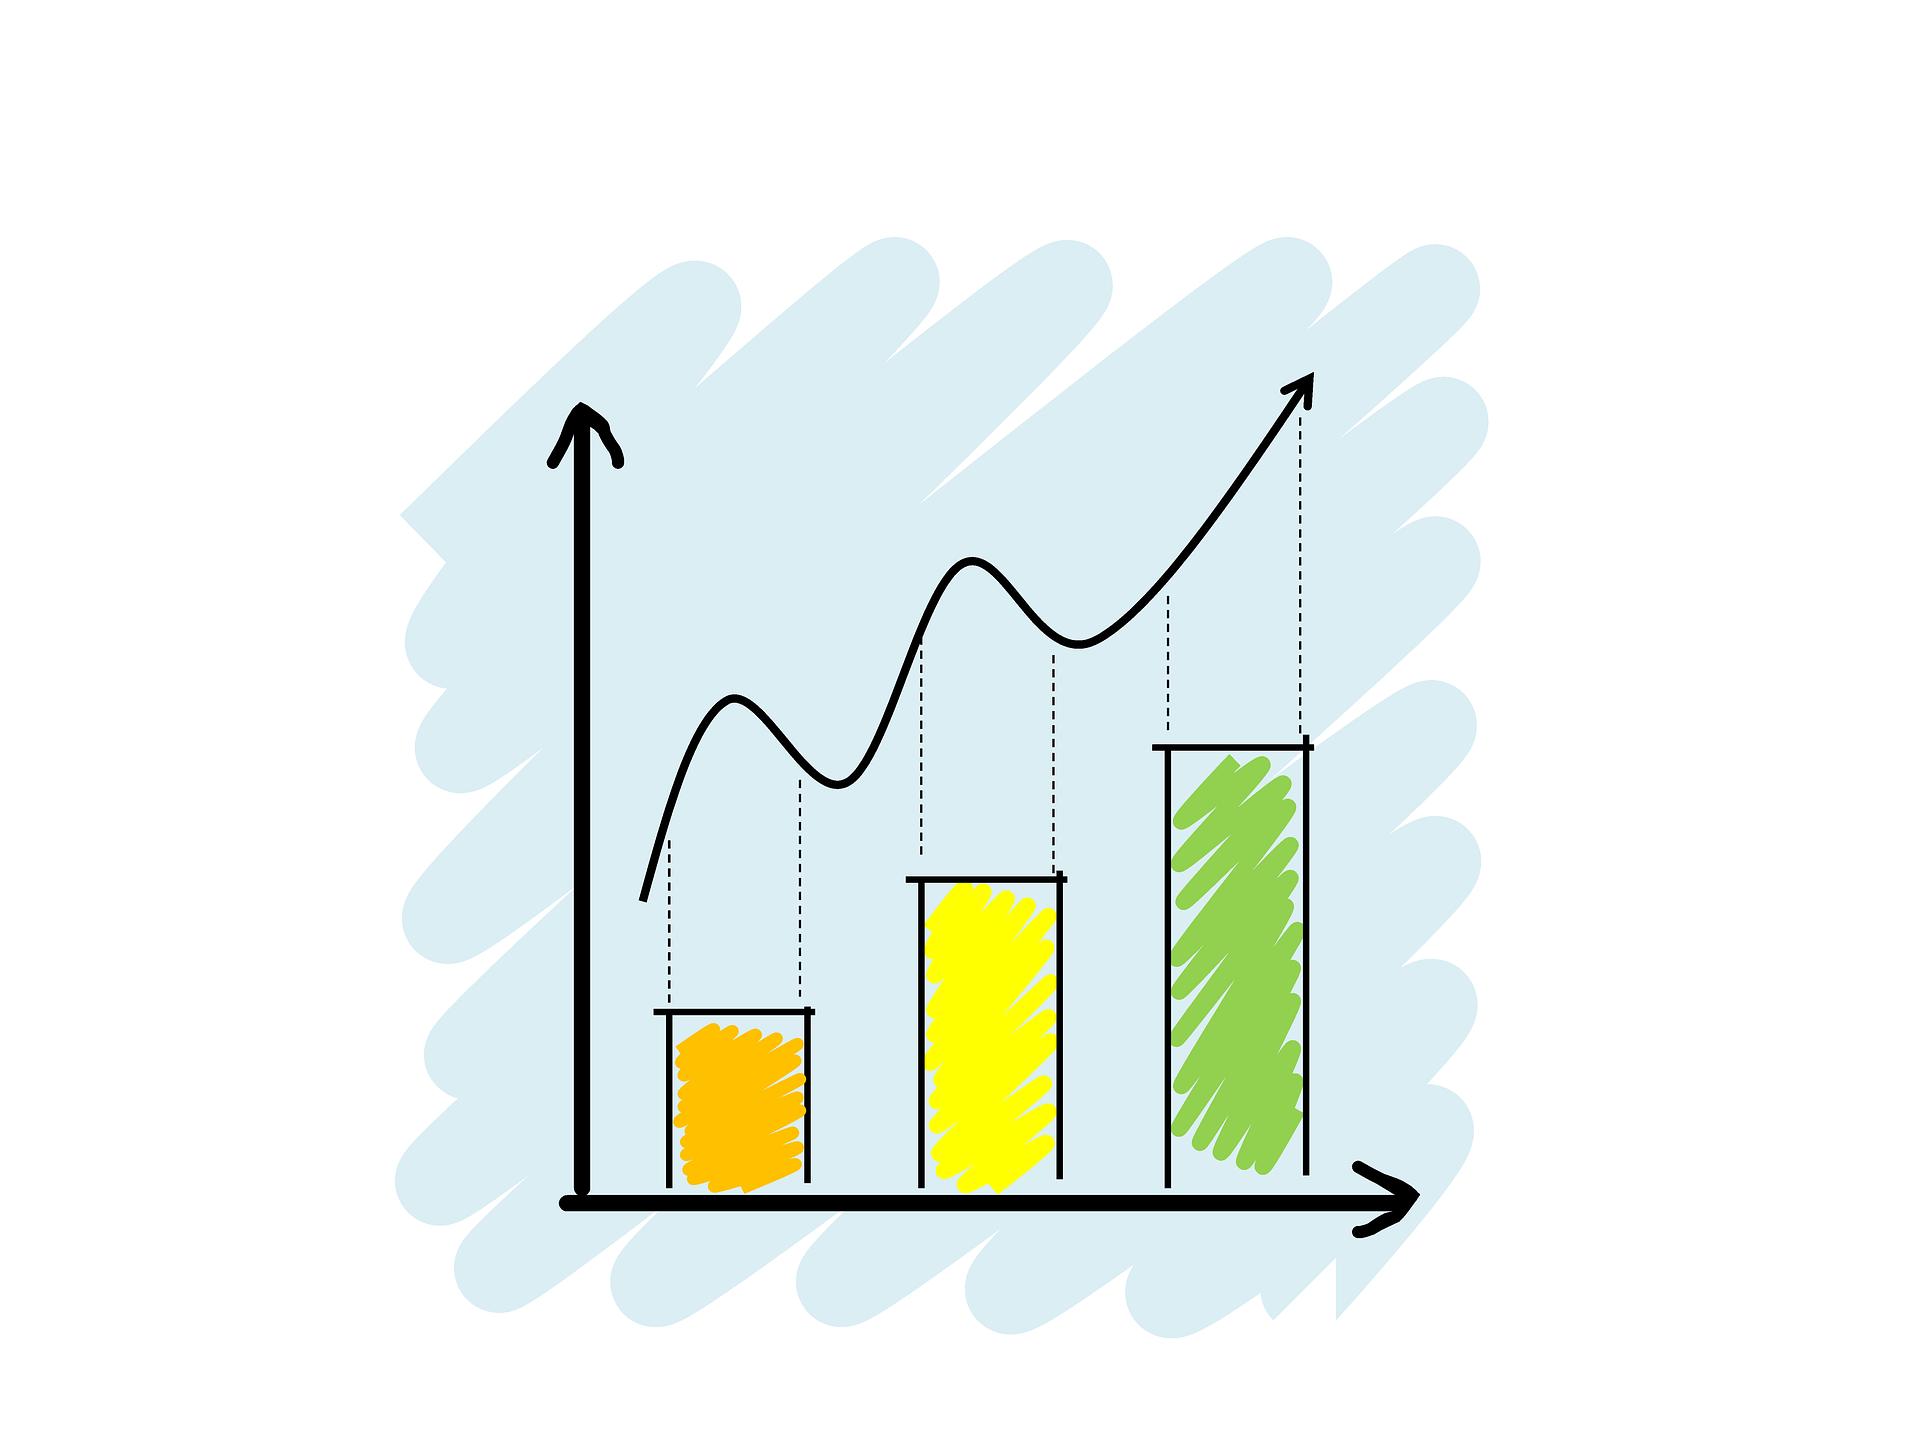 Investieren in der Krise analytics 3268935 1920